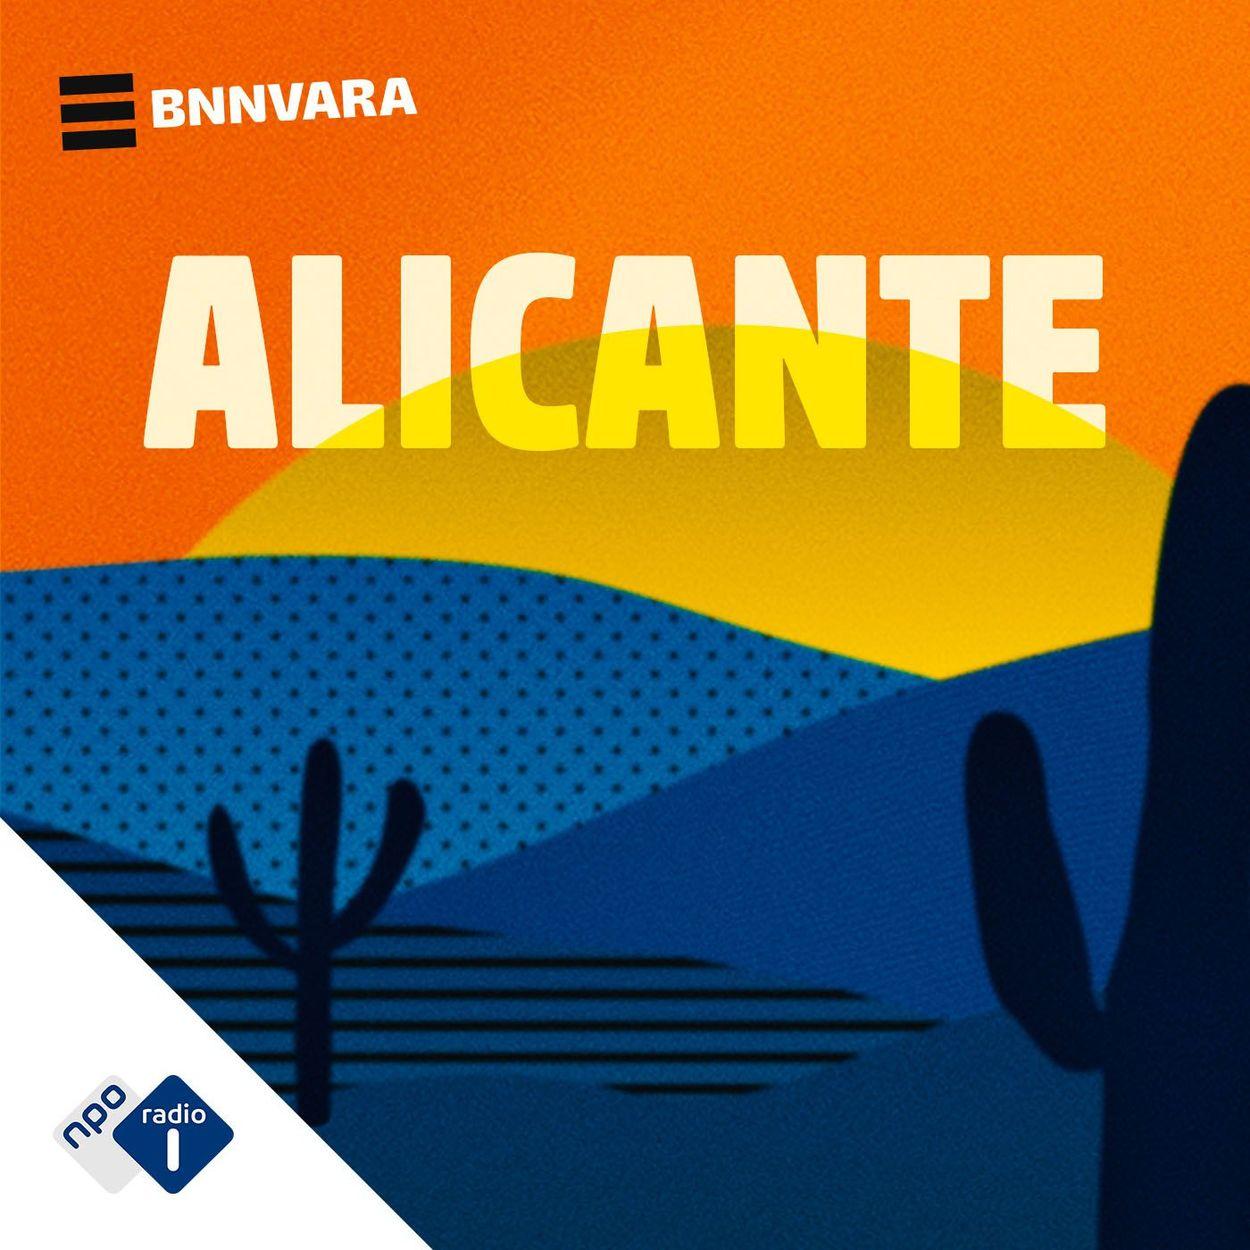 Afbeelding van Alicante - Stemrecht gedetineerde